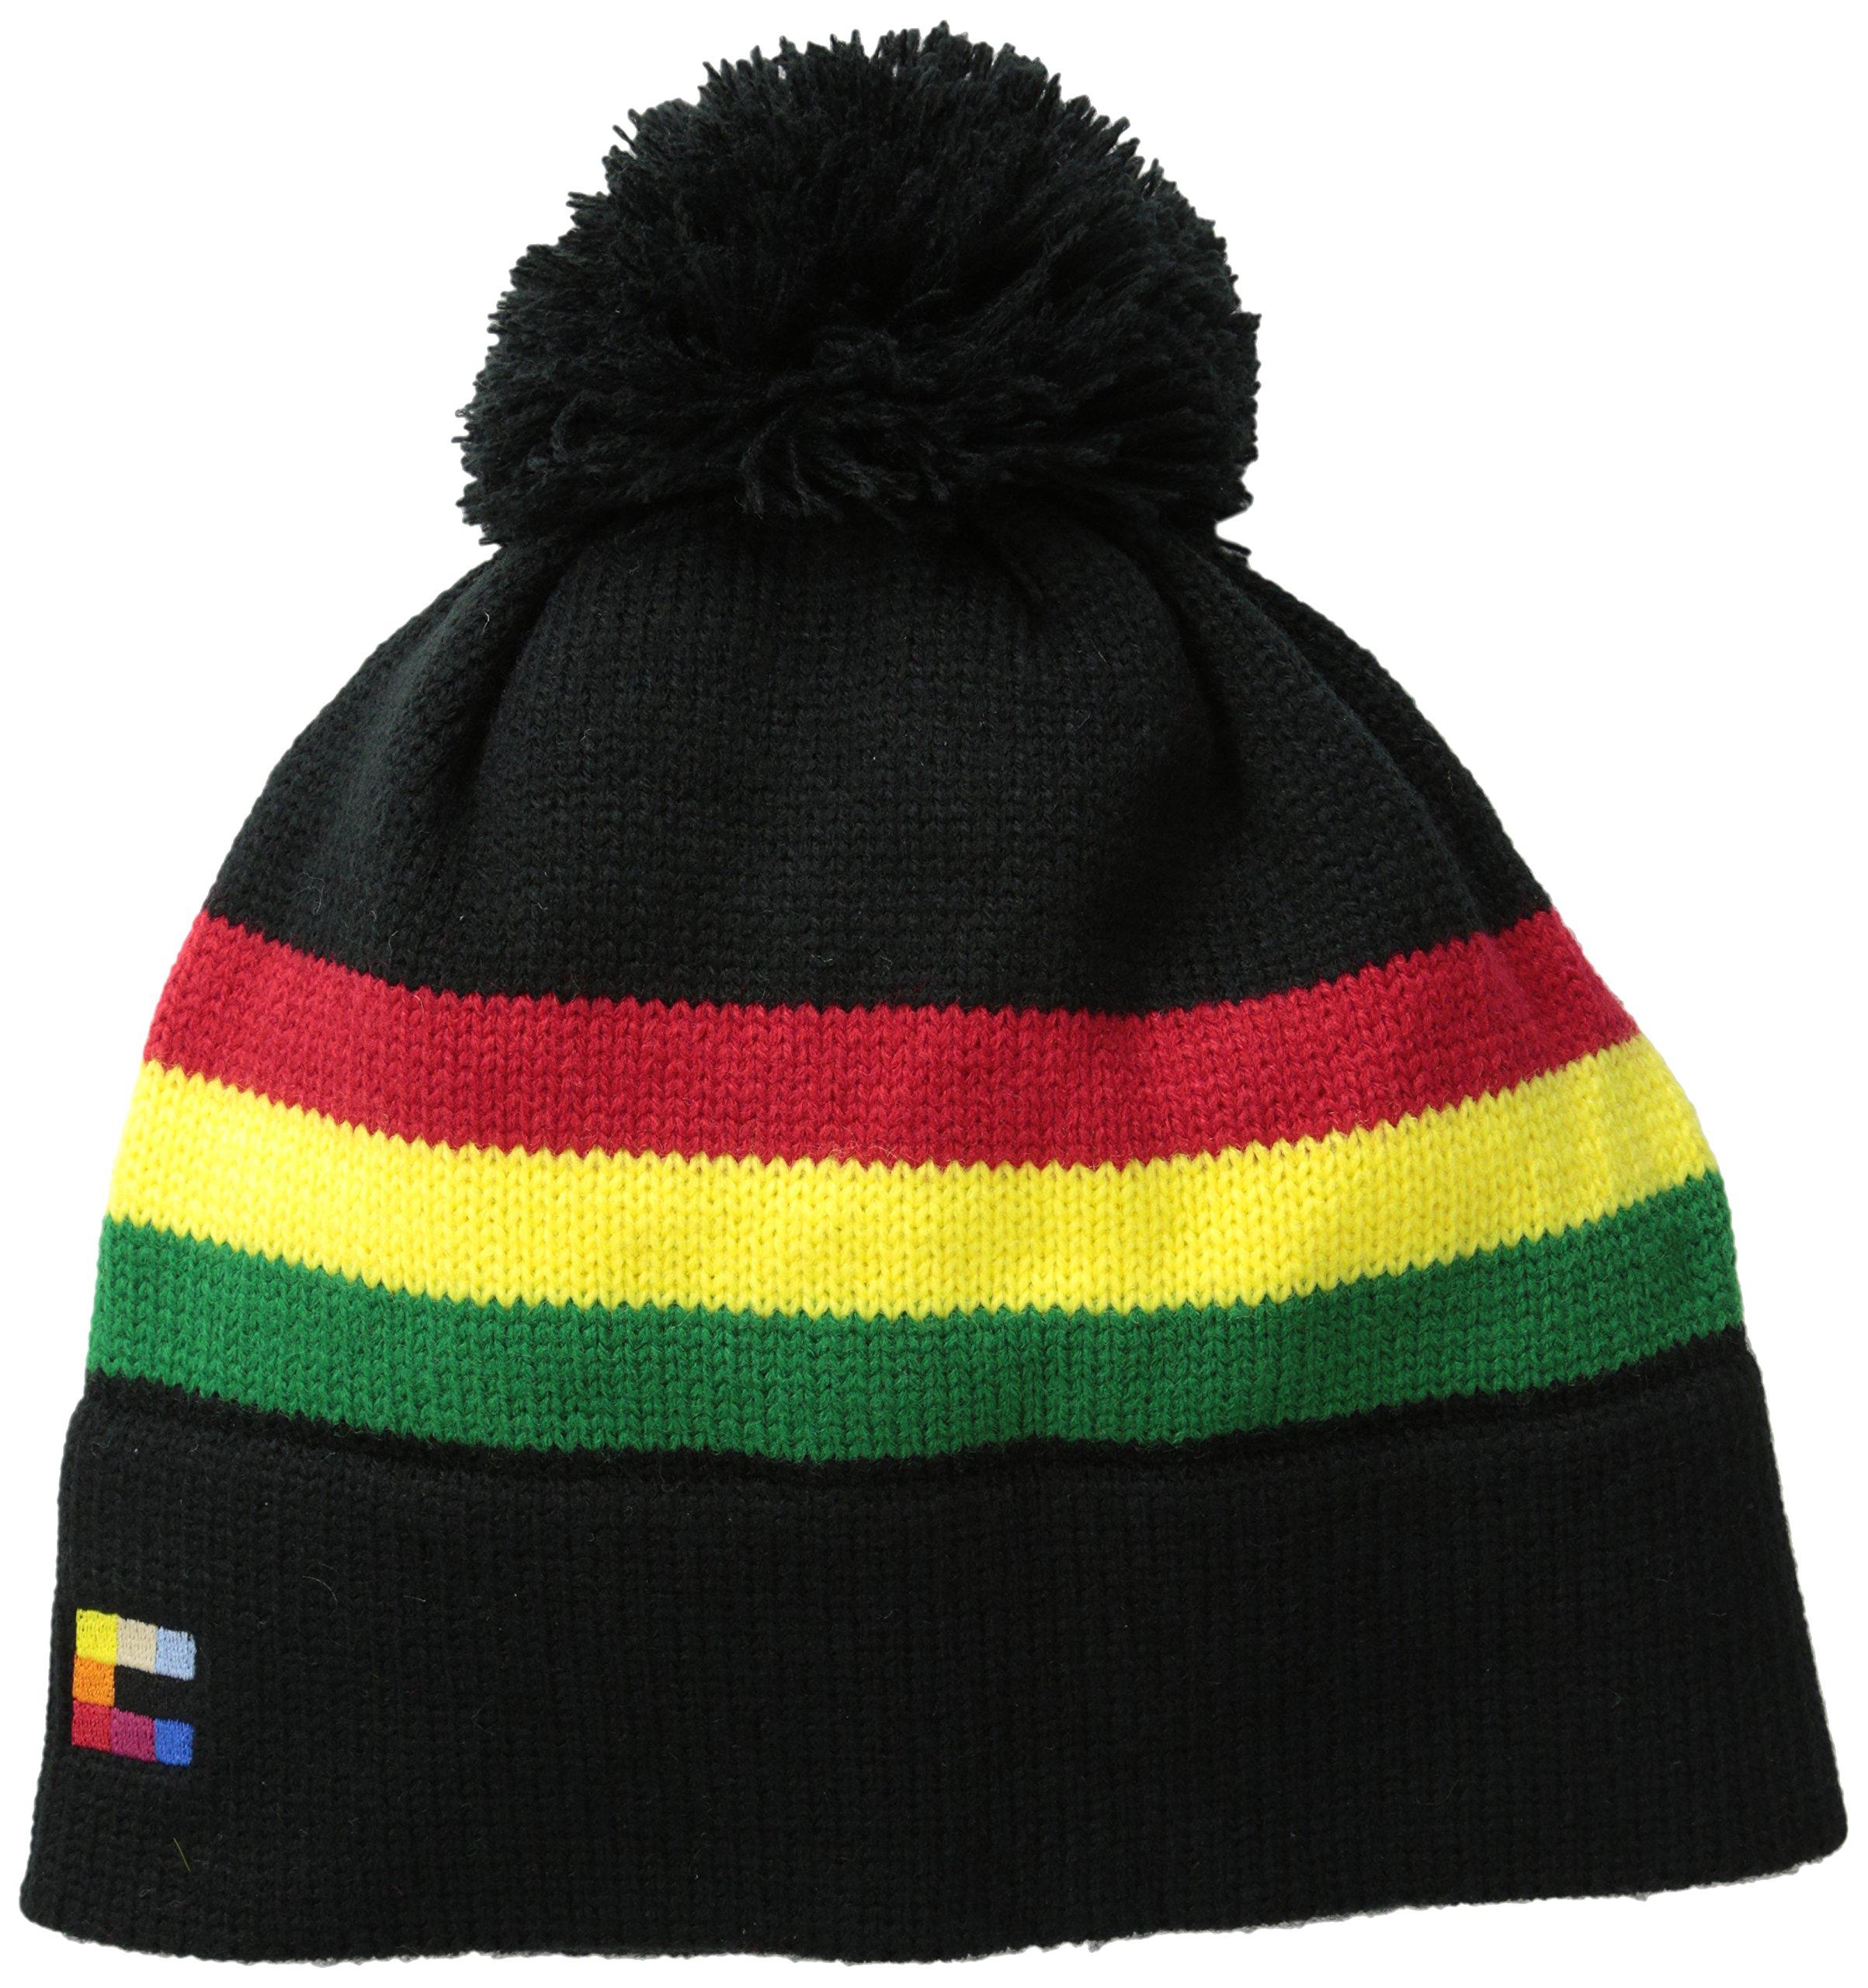 Coal The Freezin Fine Knit Beanie Hat with Pom Pom